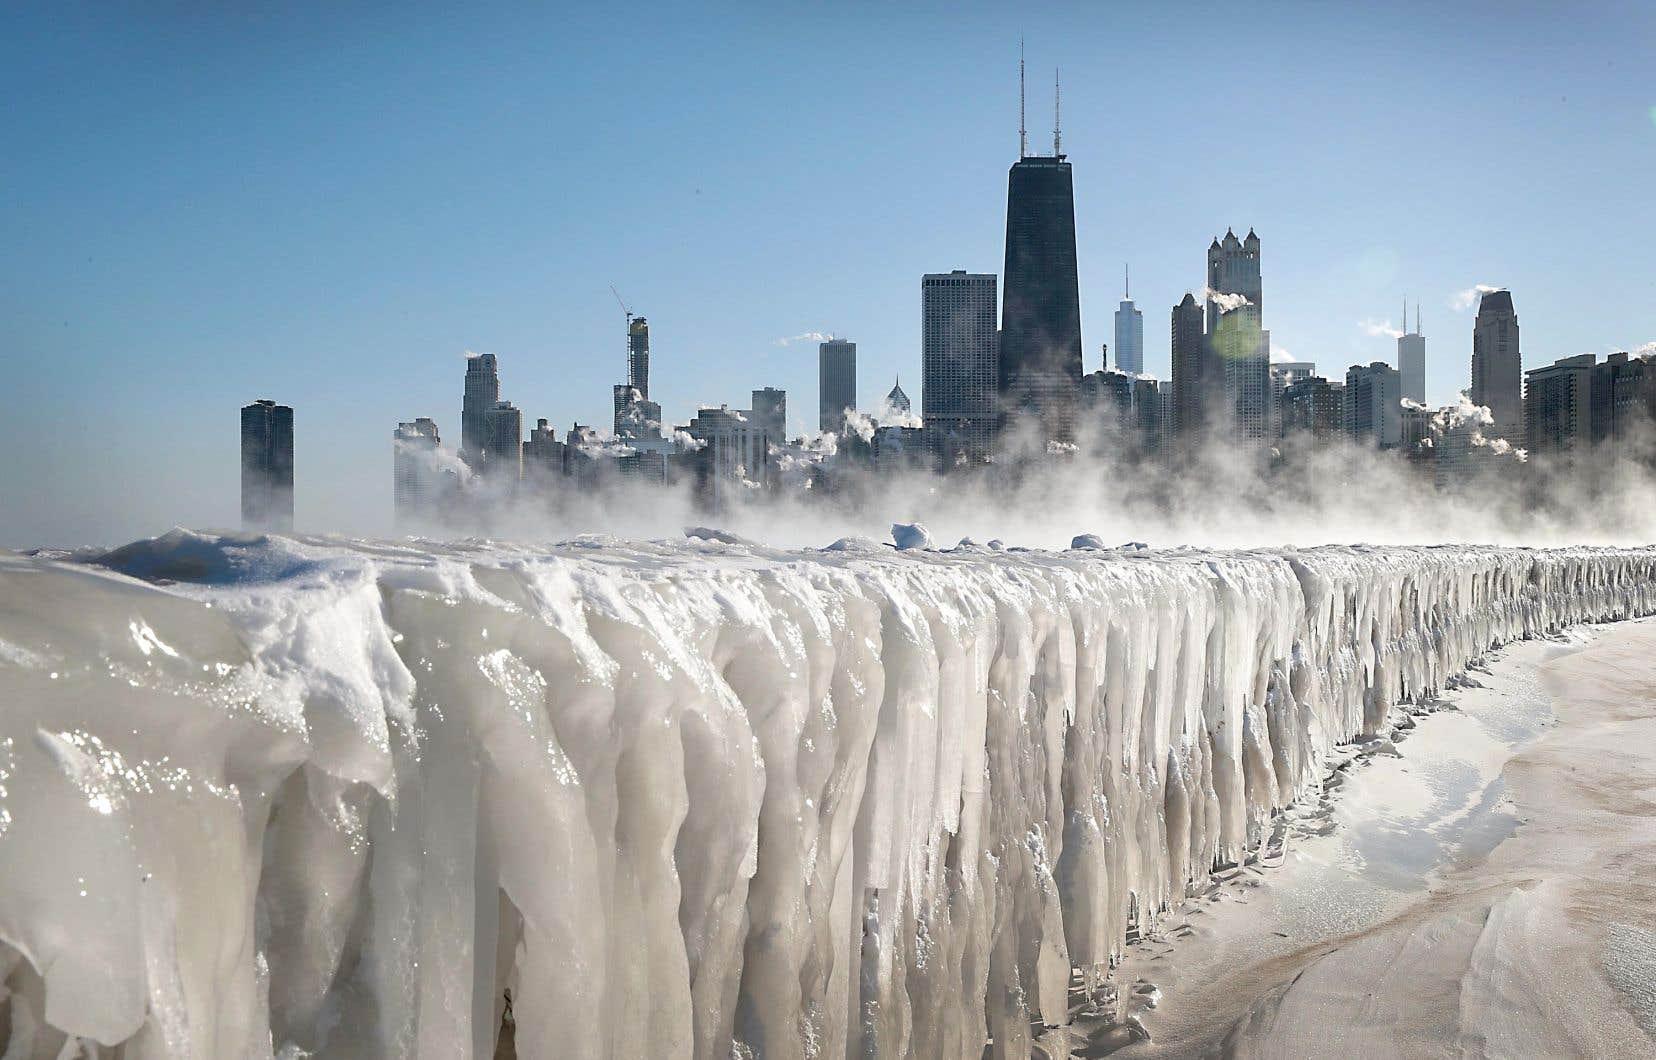 La rive du lac Michigan, à Chicago, est recouverte de glace en raison du froid polaire qui sévit dans la région.